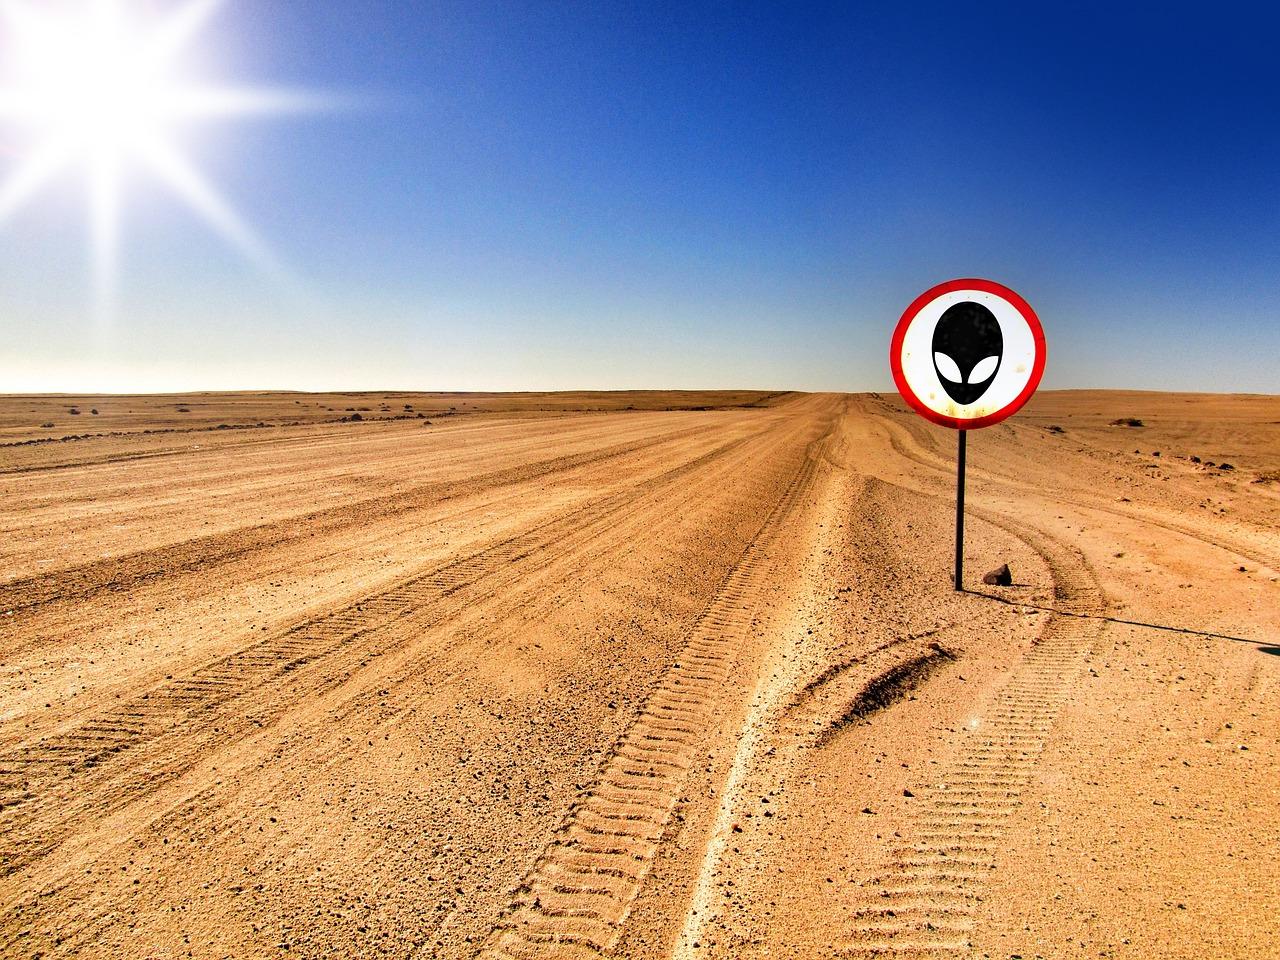 Llegó el día del asalto al Área 51: ¿verán extraterrestres?